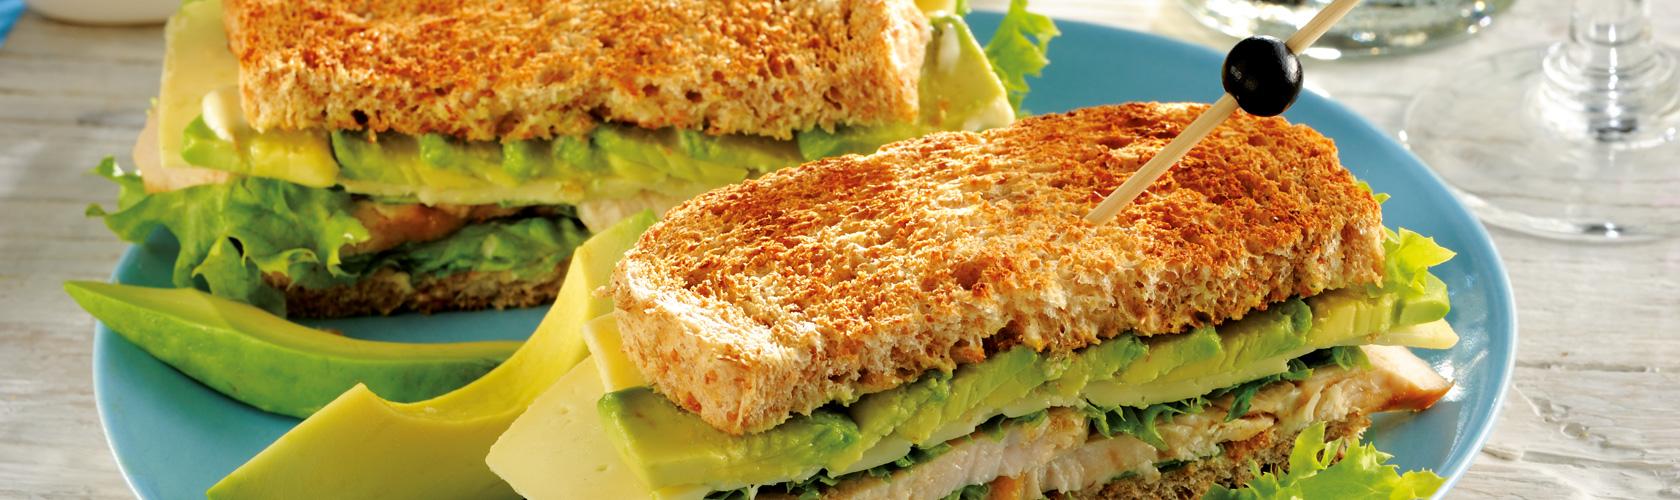 Club Sandwich mit Käse